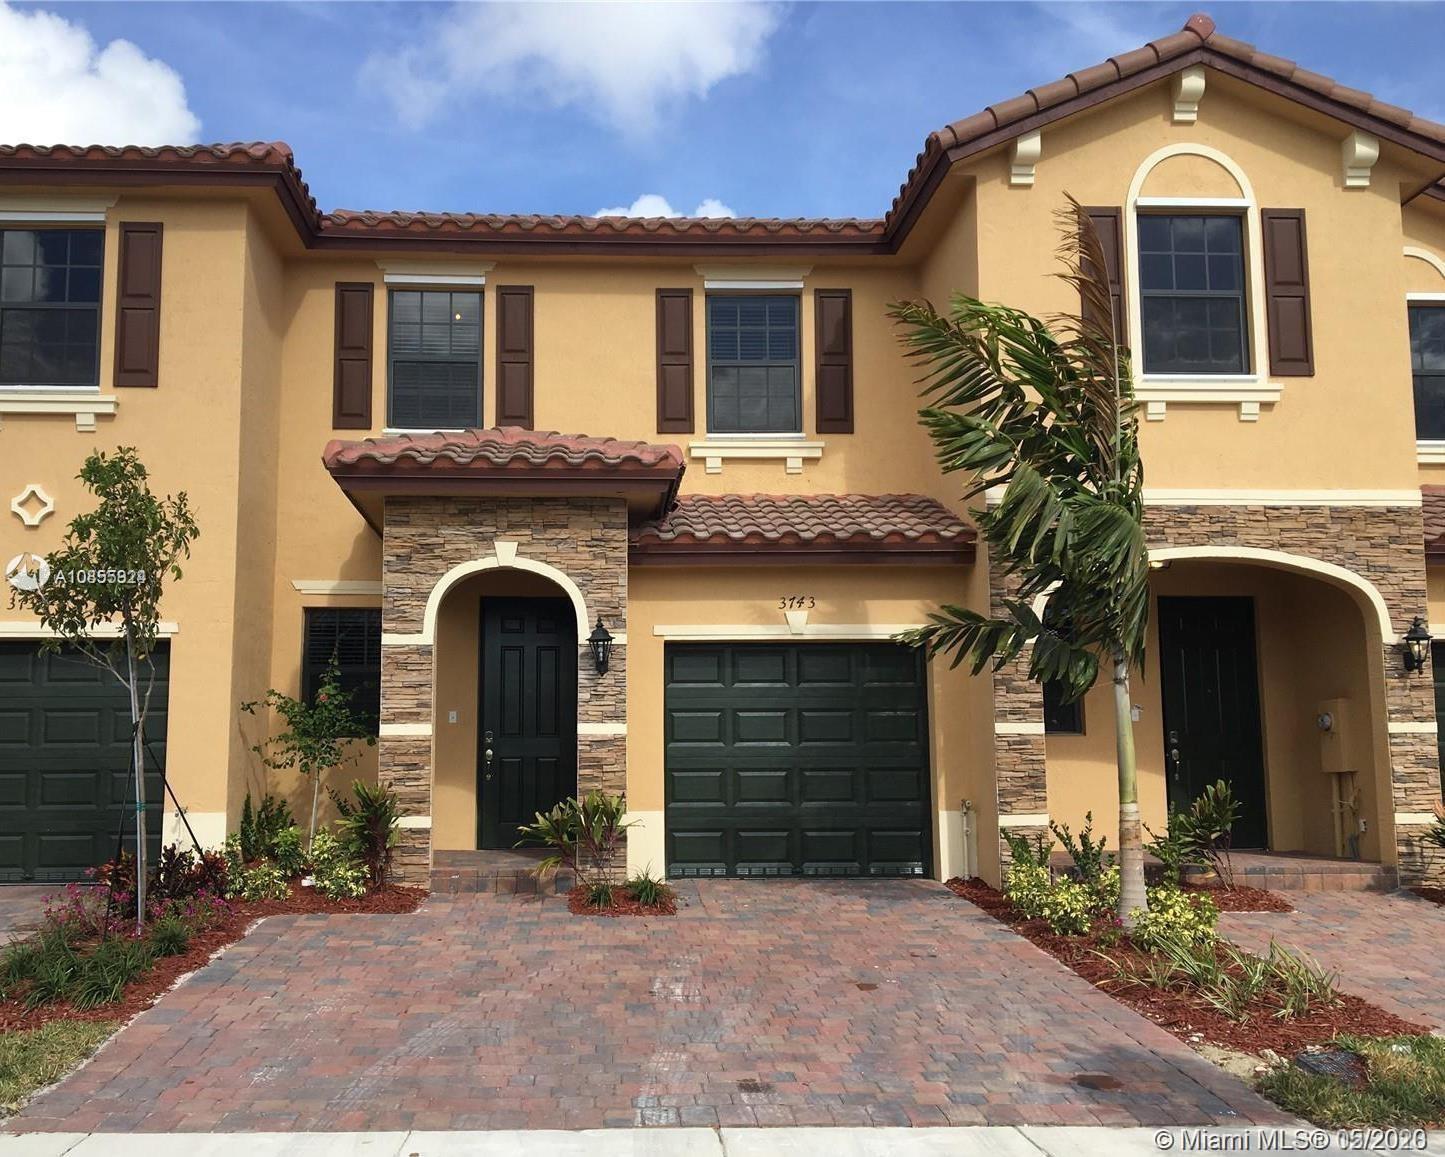 3743 SE 2nd Dr #3743, Homestead, FL 33033 - Homestead, FL real estate listing